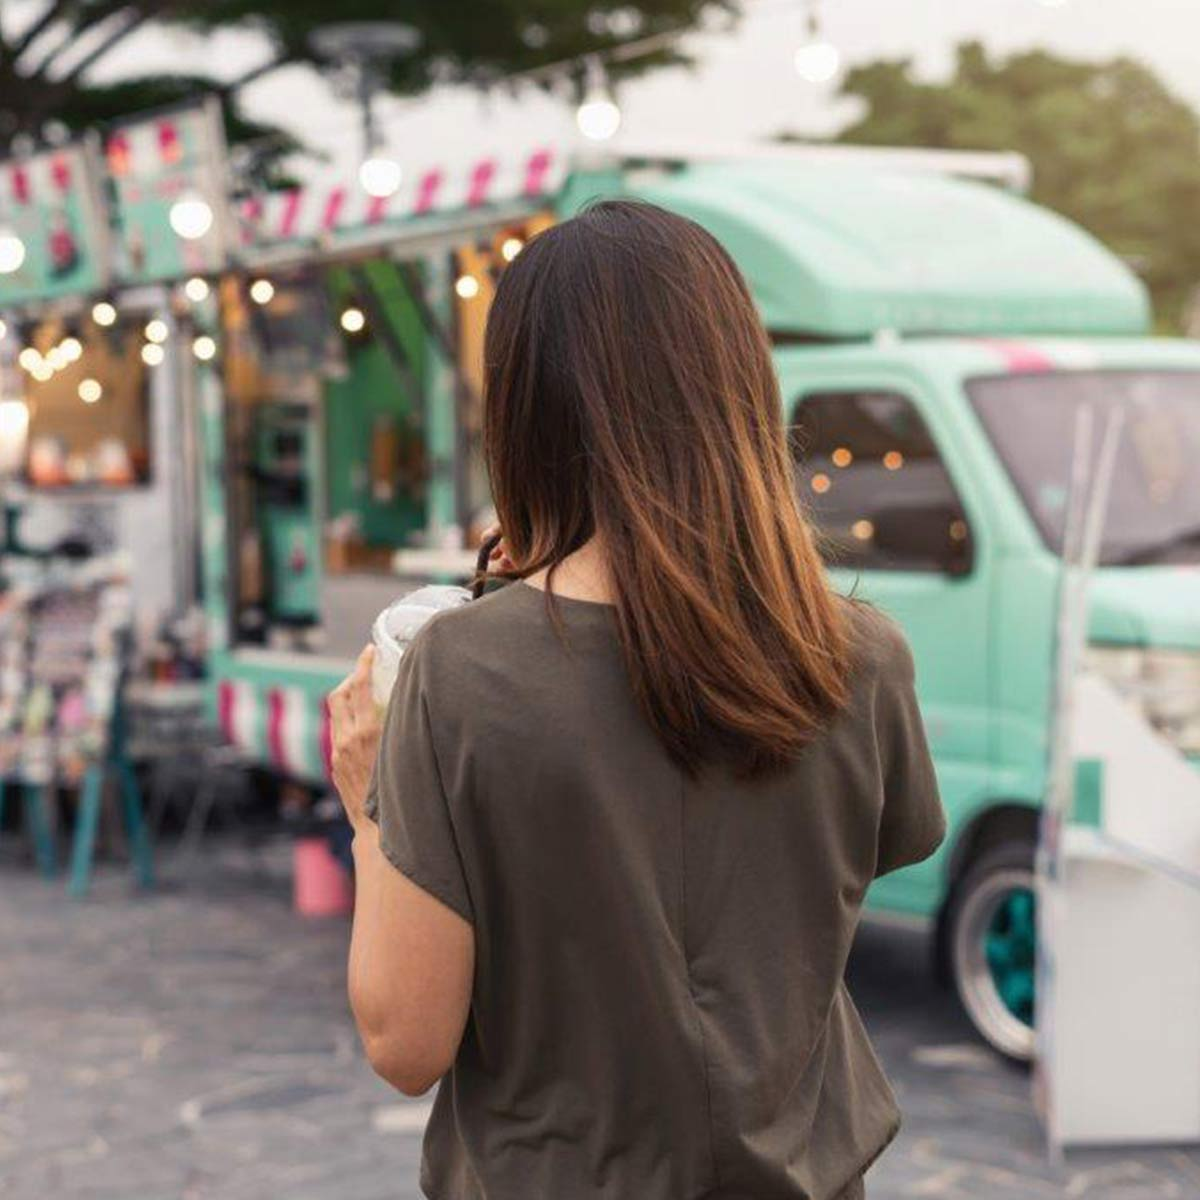 Frau auf Streetfoodmarkt